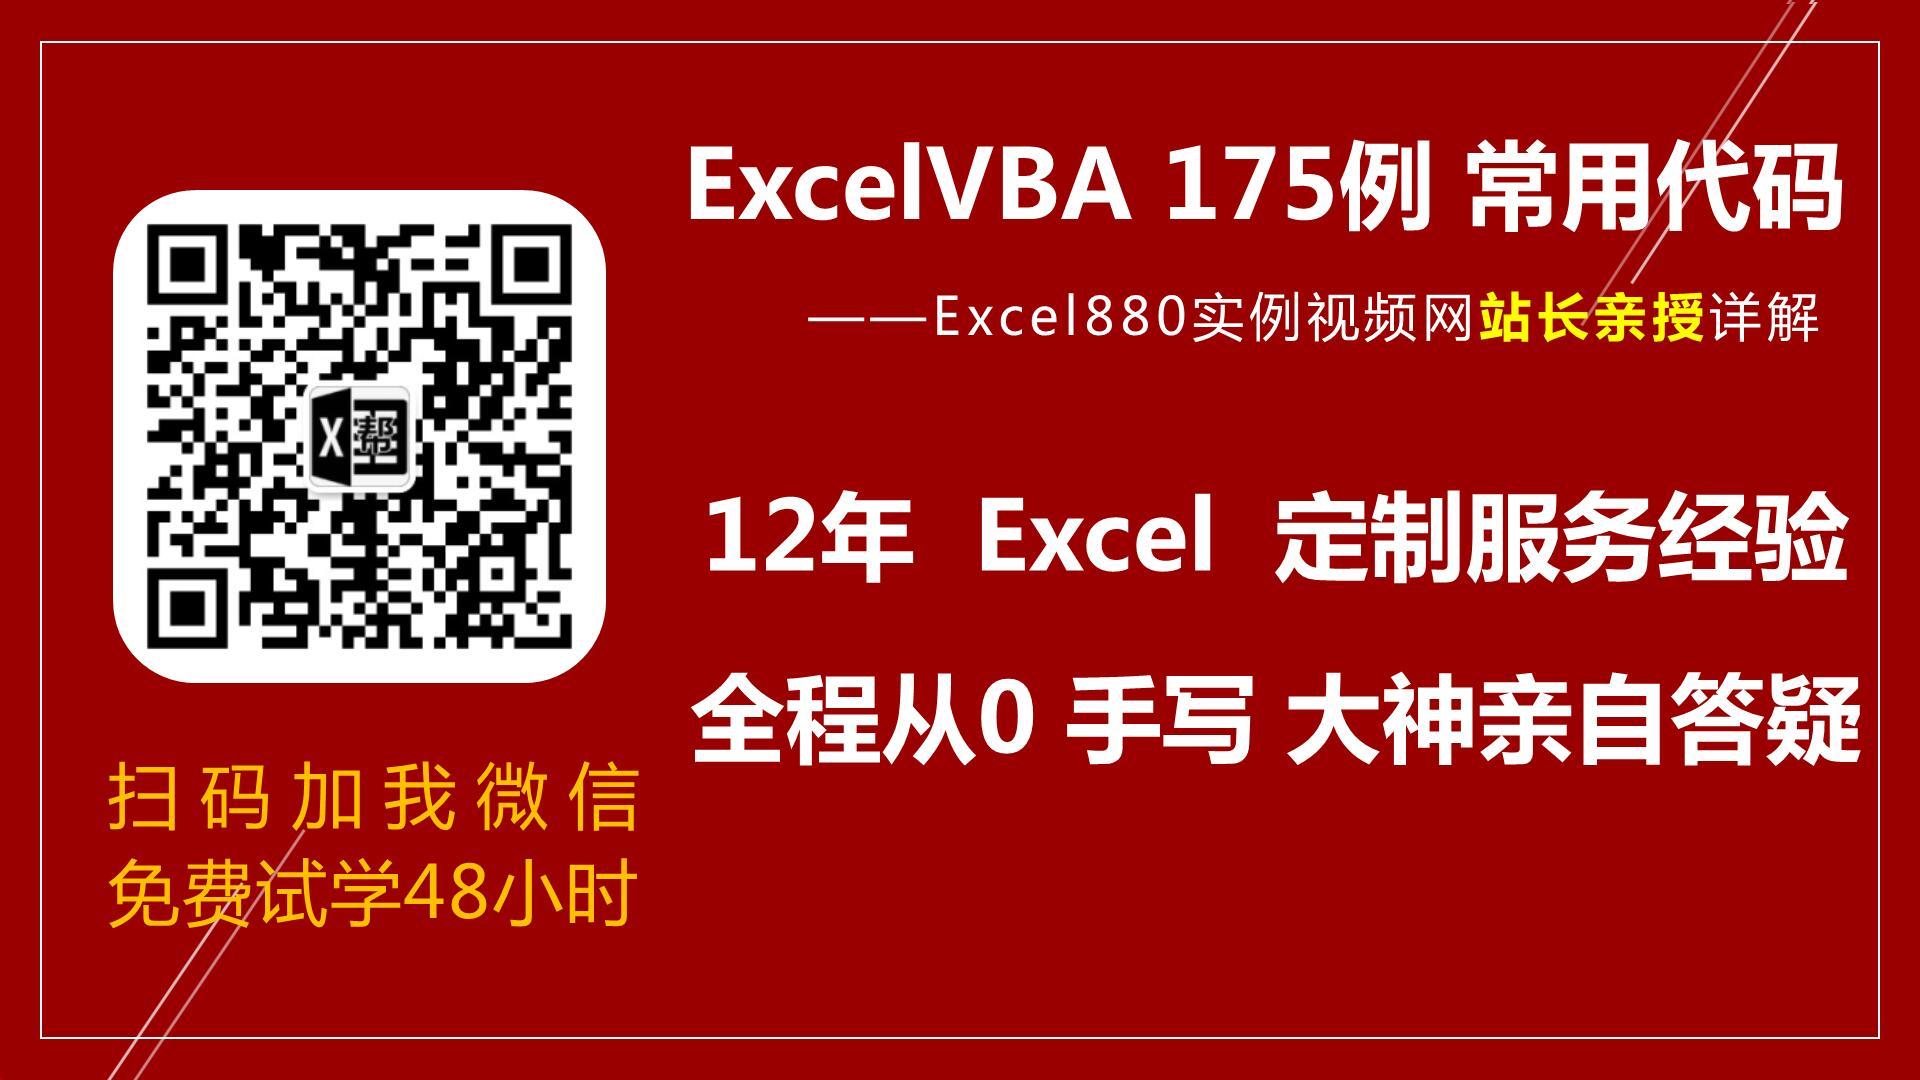 Excel VBA175例实战教学视频 零基础极速入门 有基础快速提高 Excel880站长逐行手写+课后答疑 图文